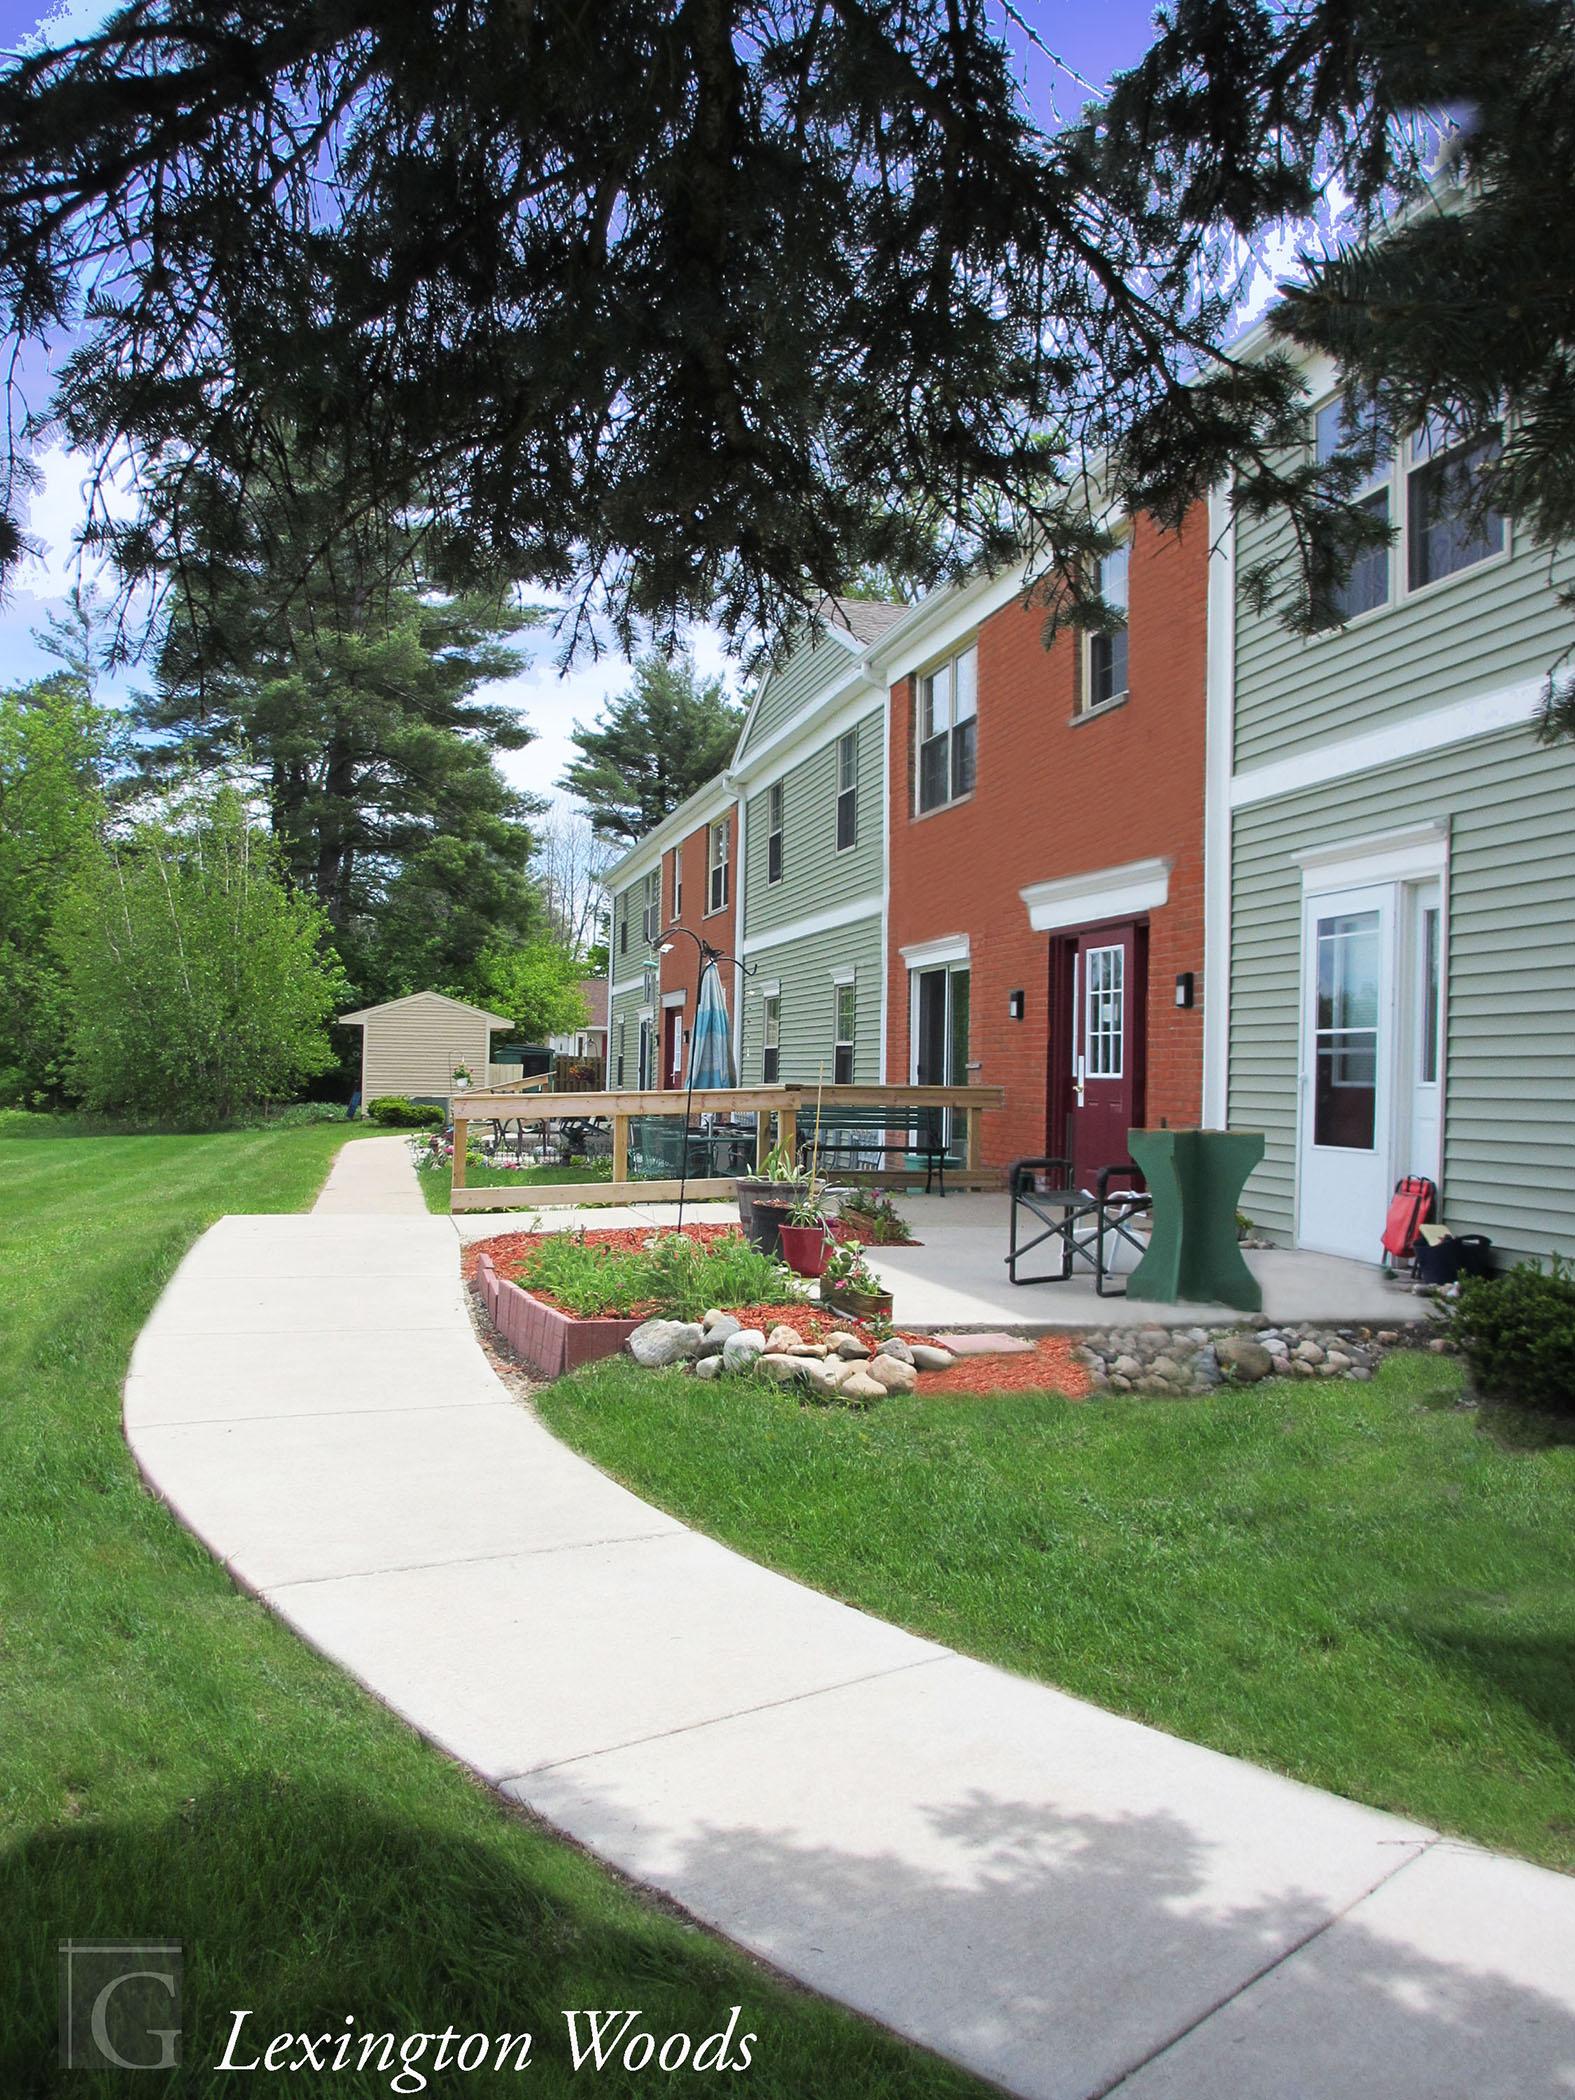 Lexington Woods Apartments